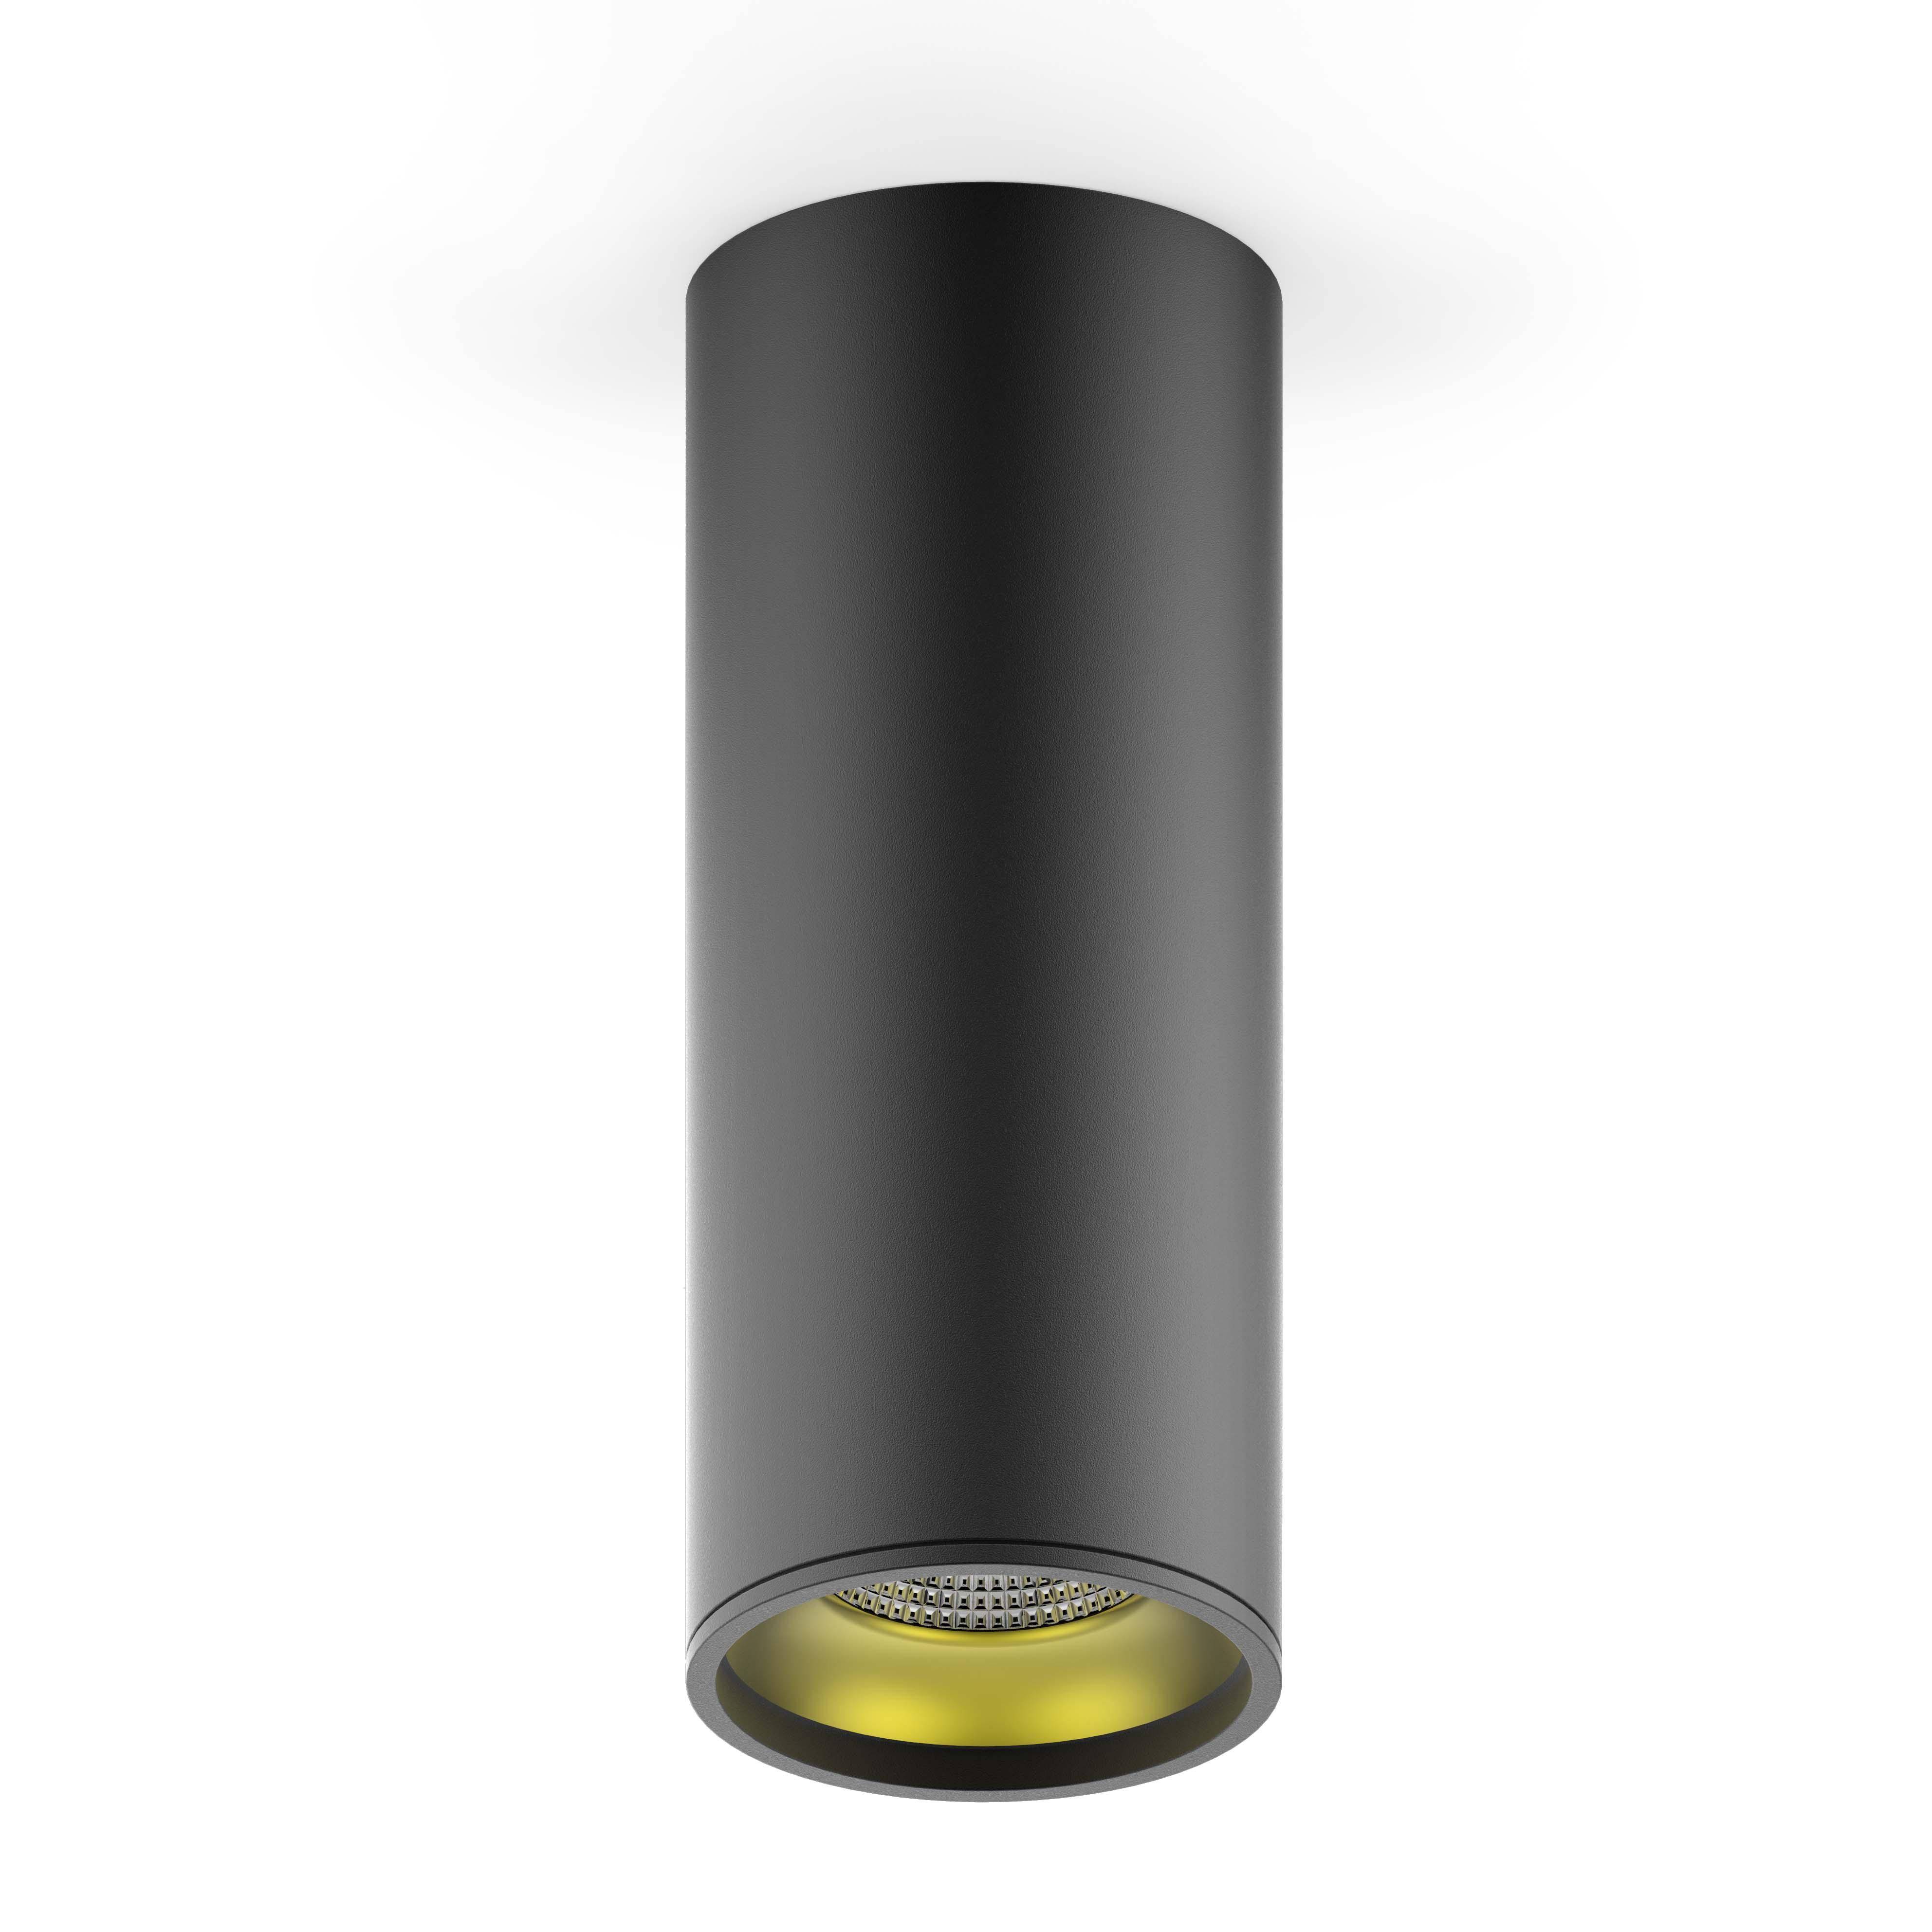 LED светильник накладной HD009 12W (черный золото) 3000K 79x200,900лм, 1/10